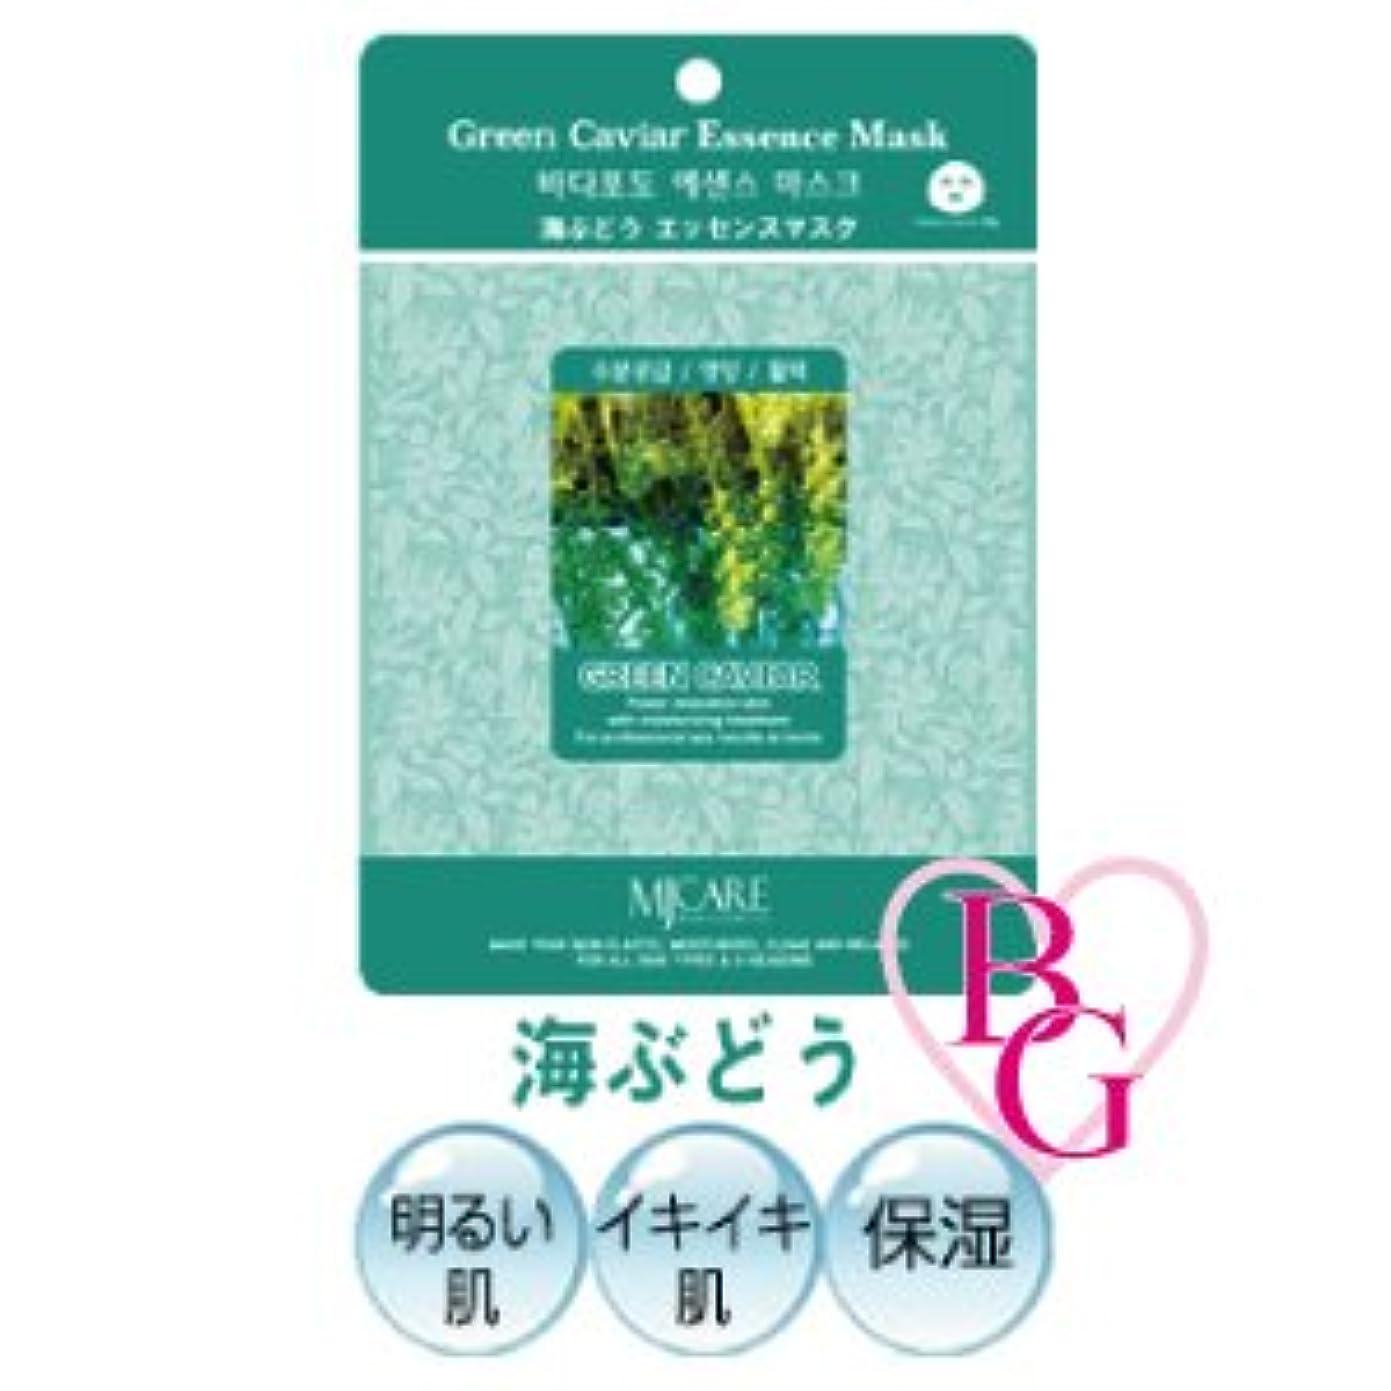 社説マッサージ硬化する海ぶどうエッセンスマスク(100枚入) 【MJcare - MJケア】